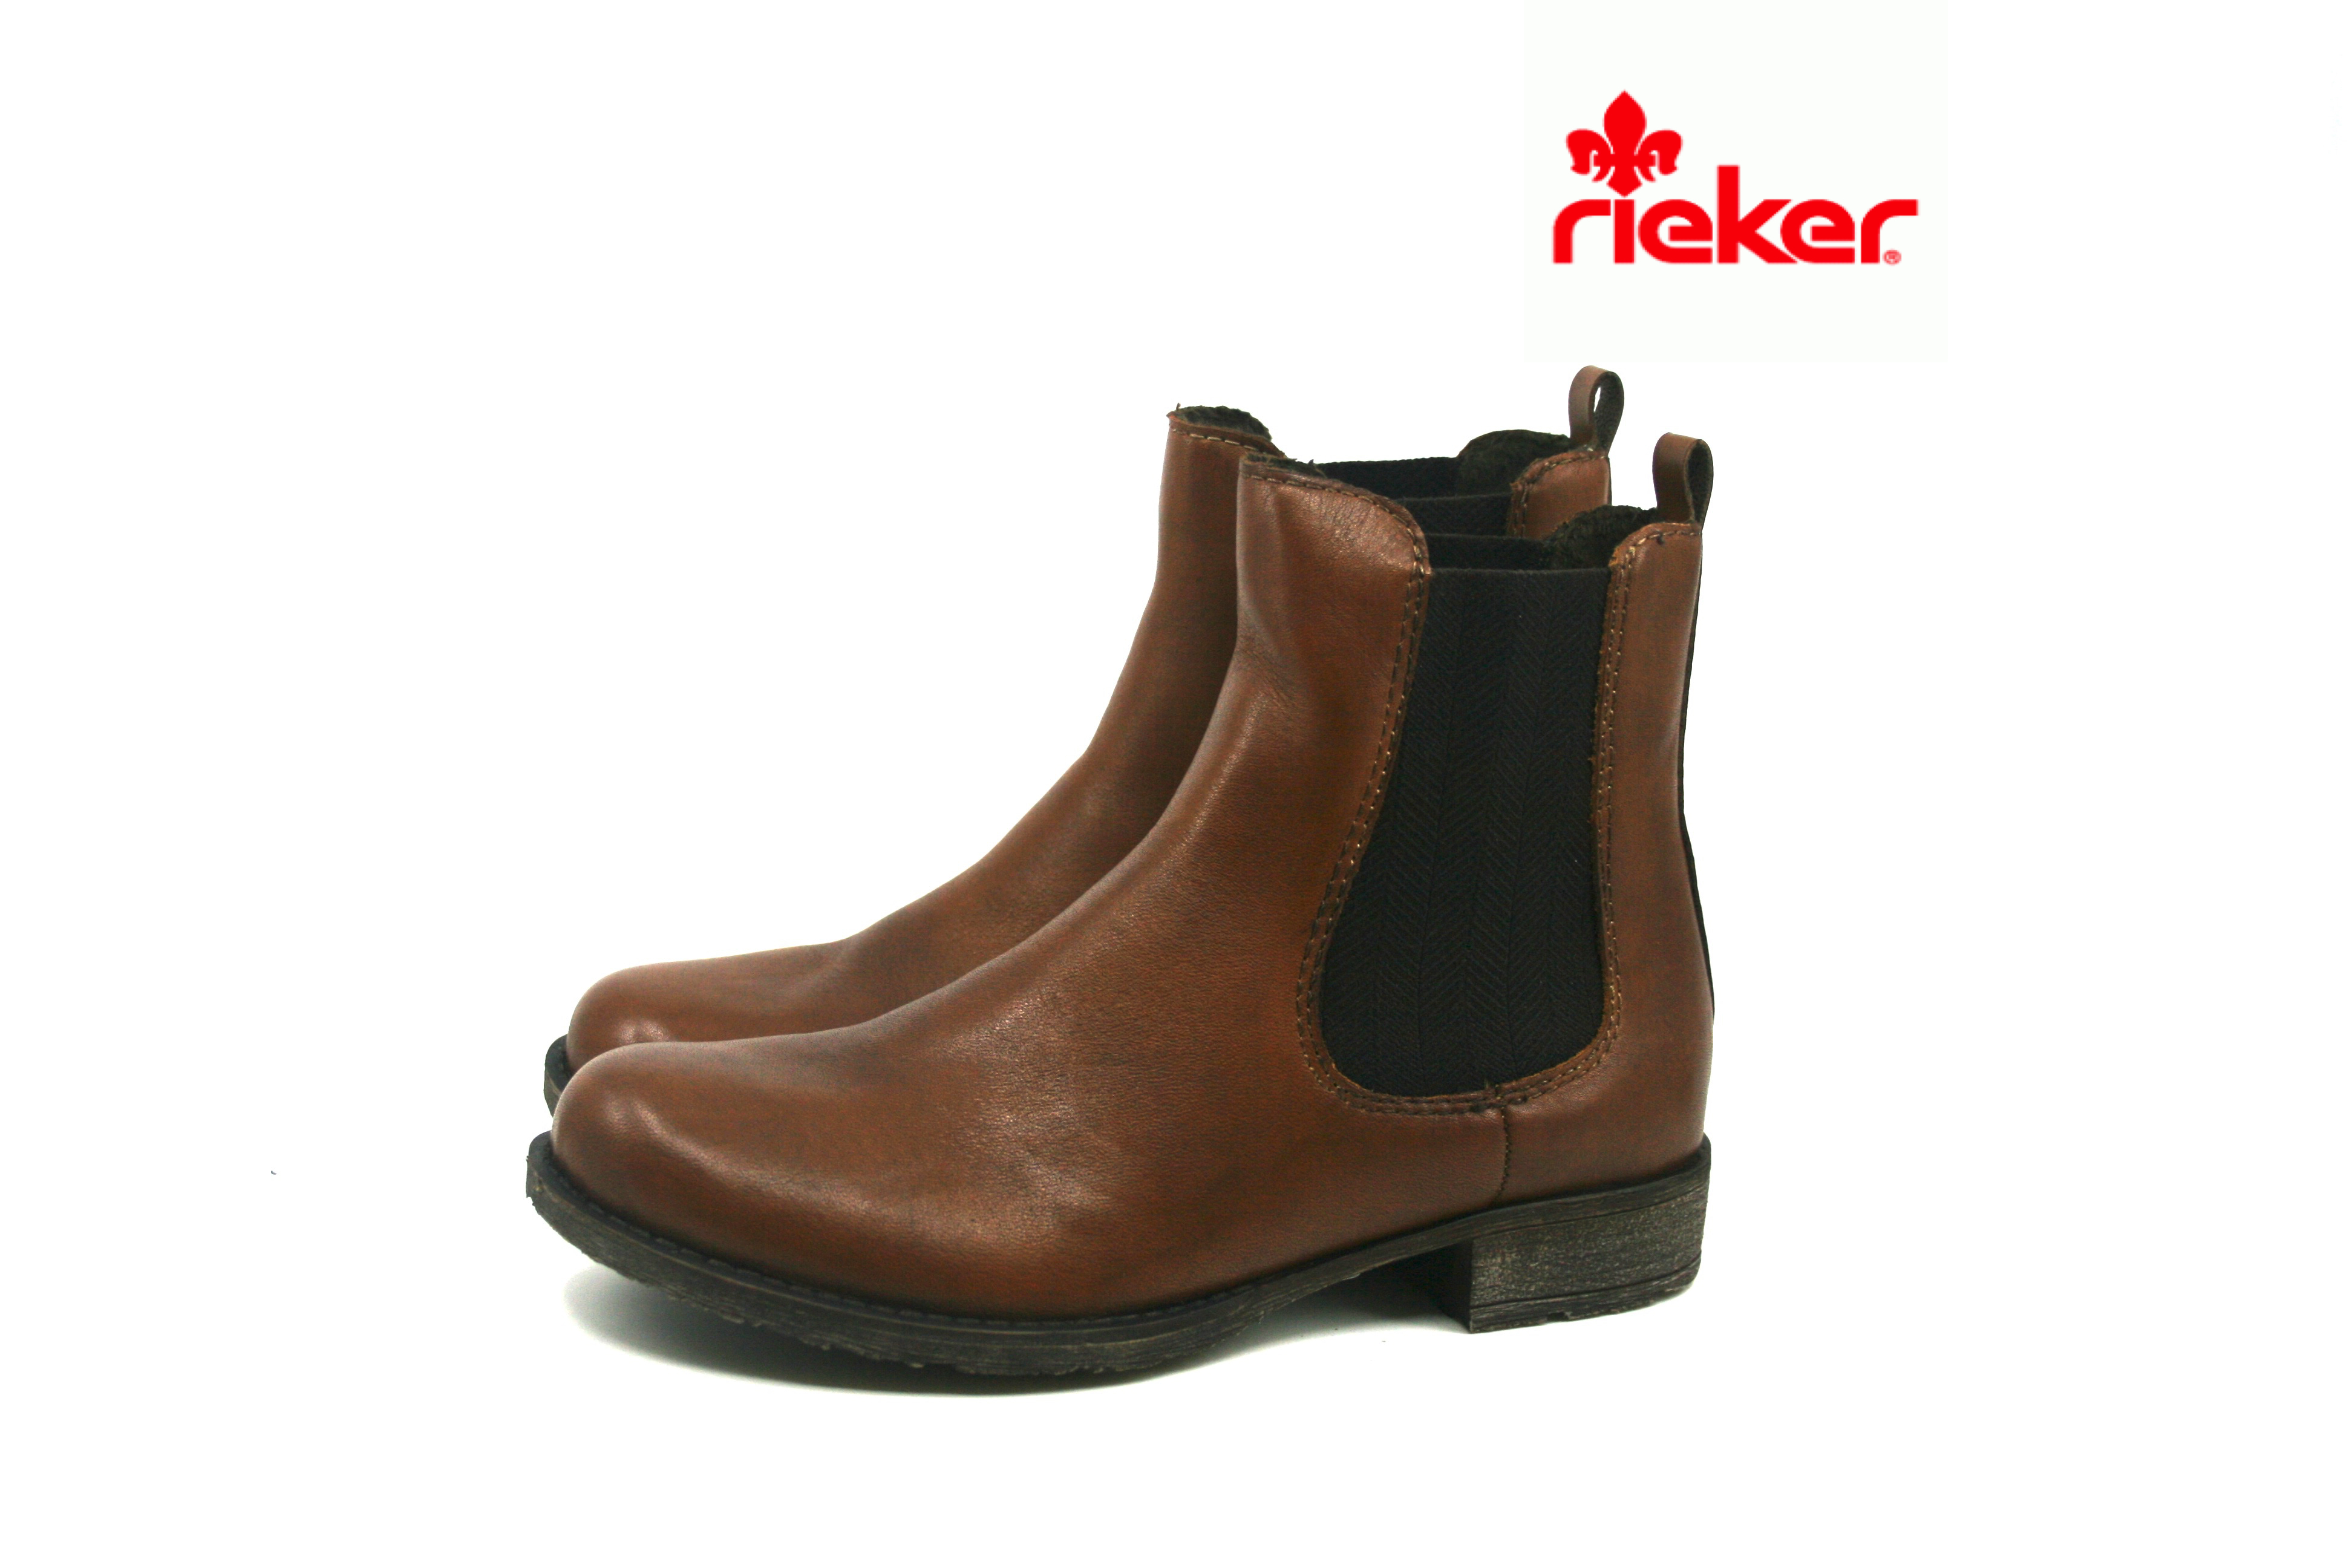 9ba52e34 Damkjaer Sko Online Shop - Rieker Klassisk Brun Støvle - 70880-24